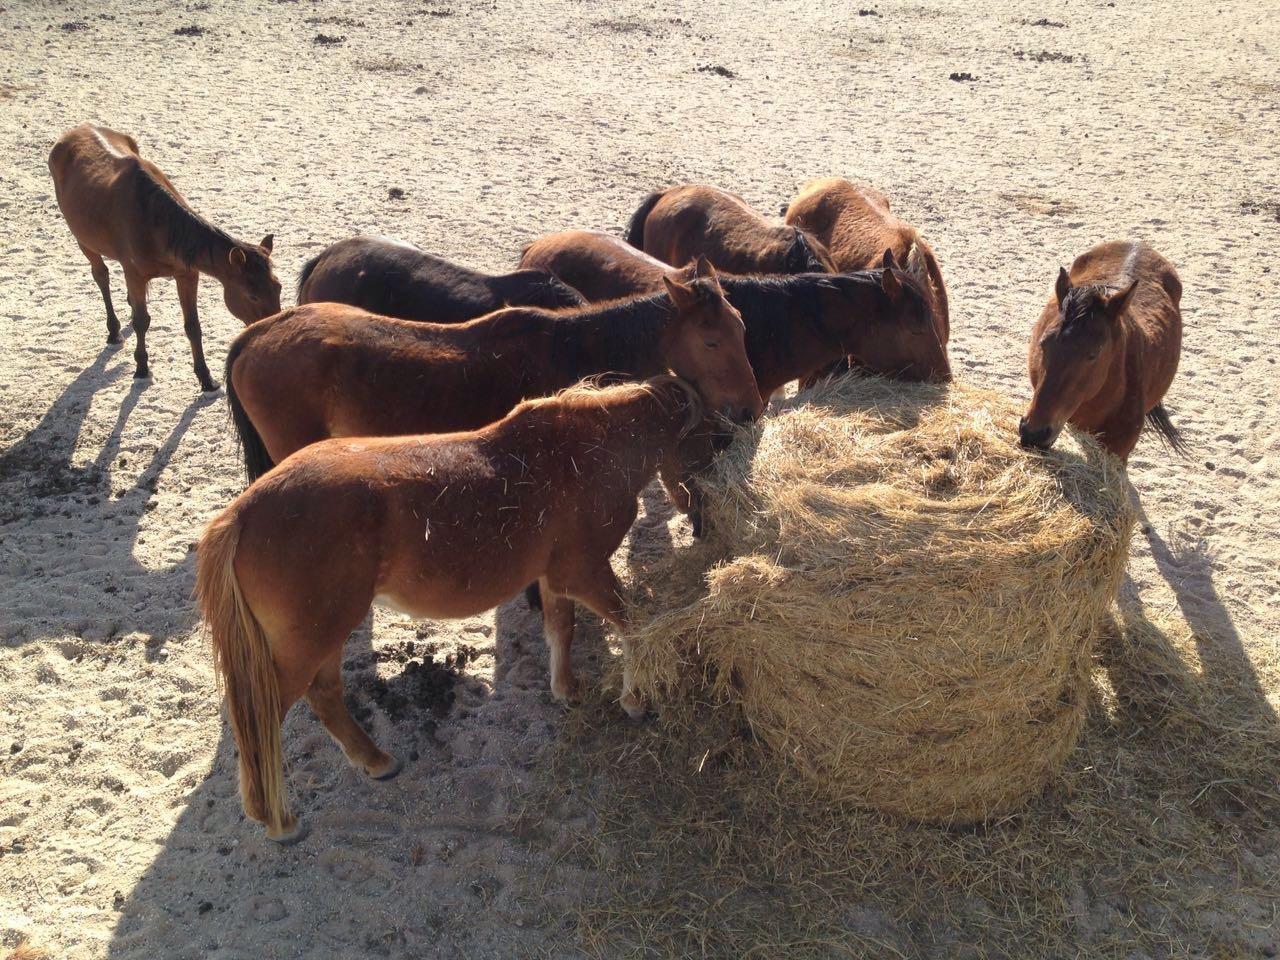 Feeding the Wild Horses